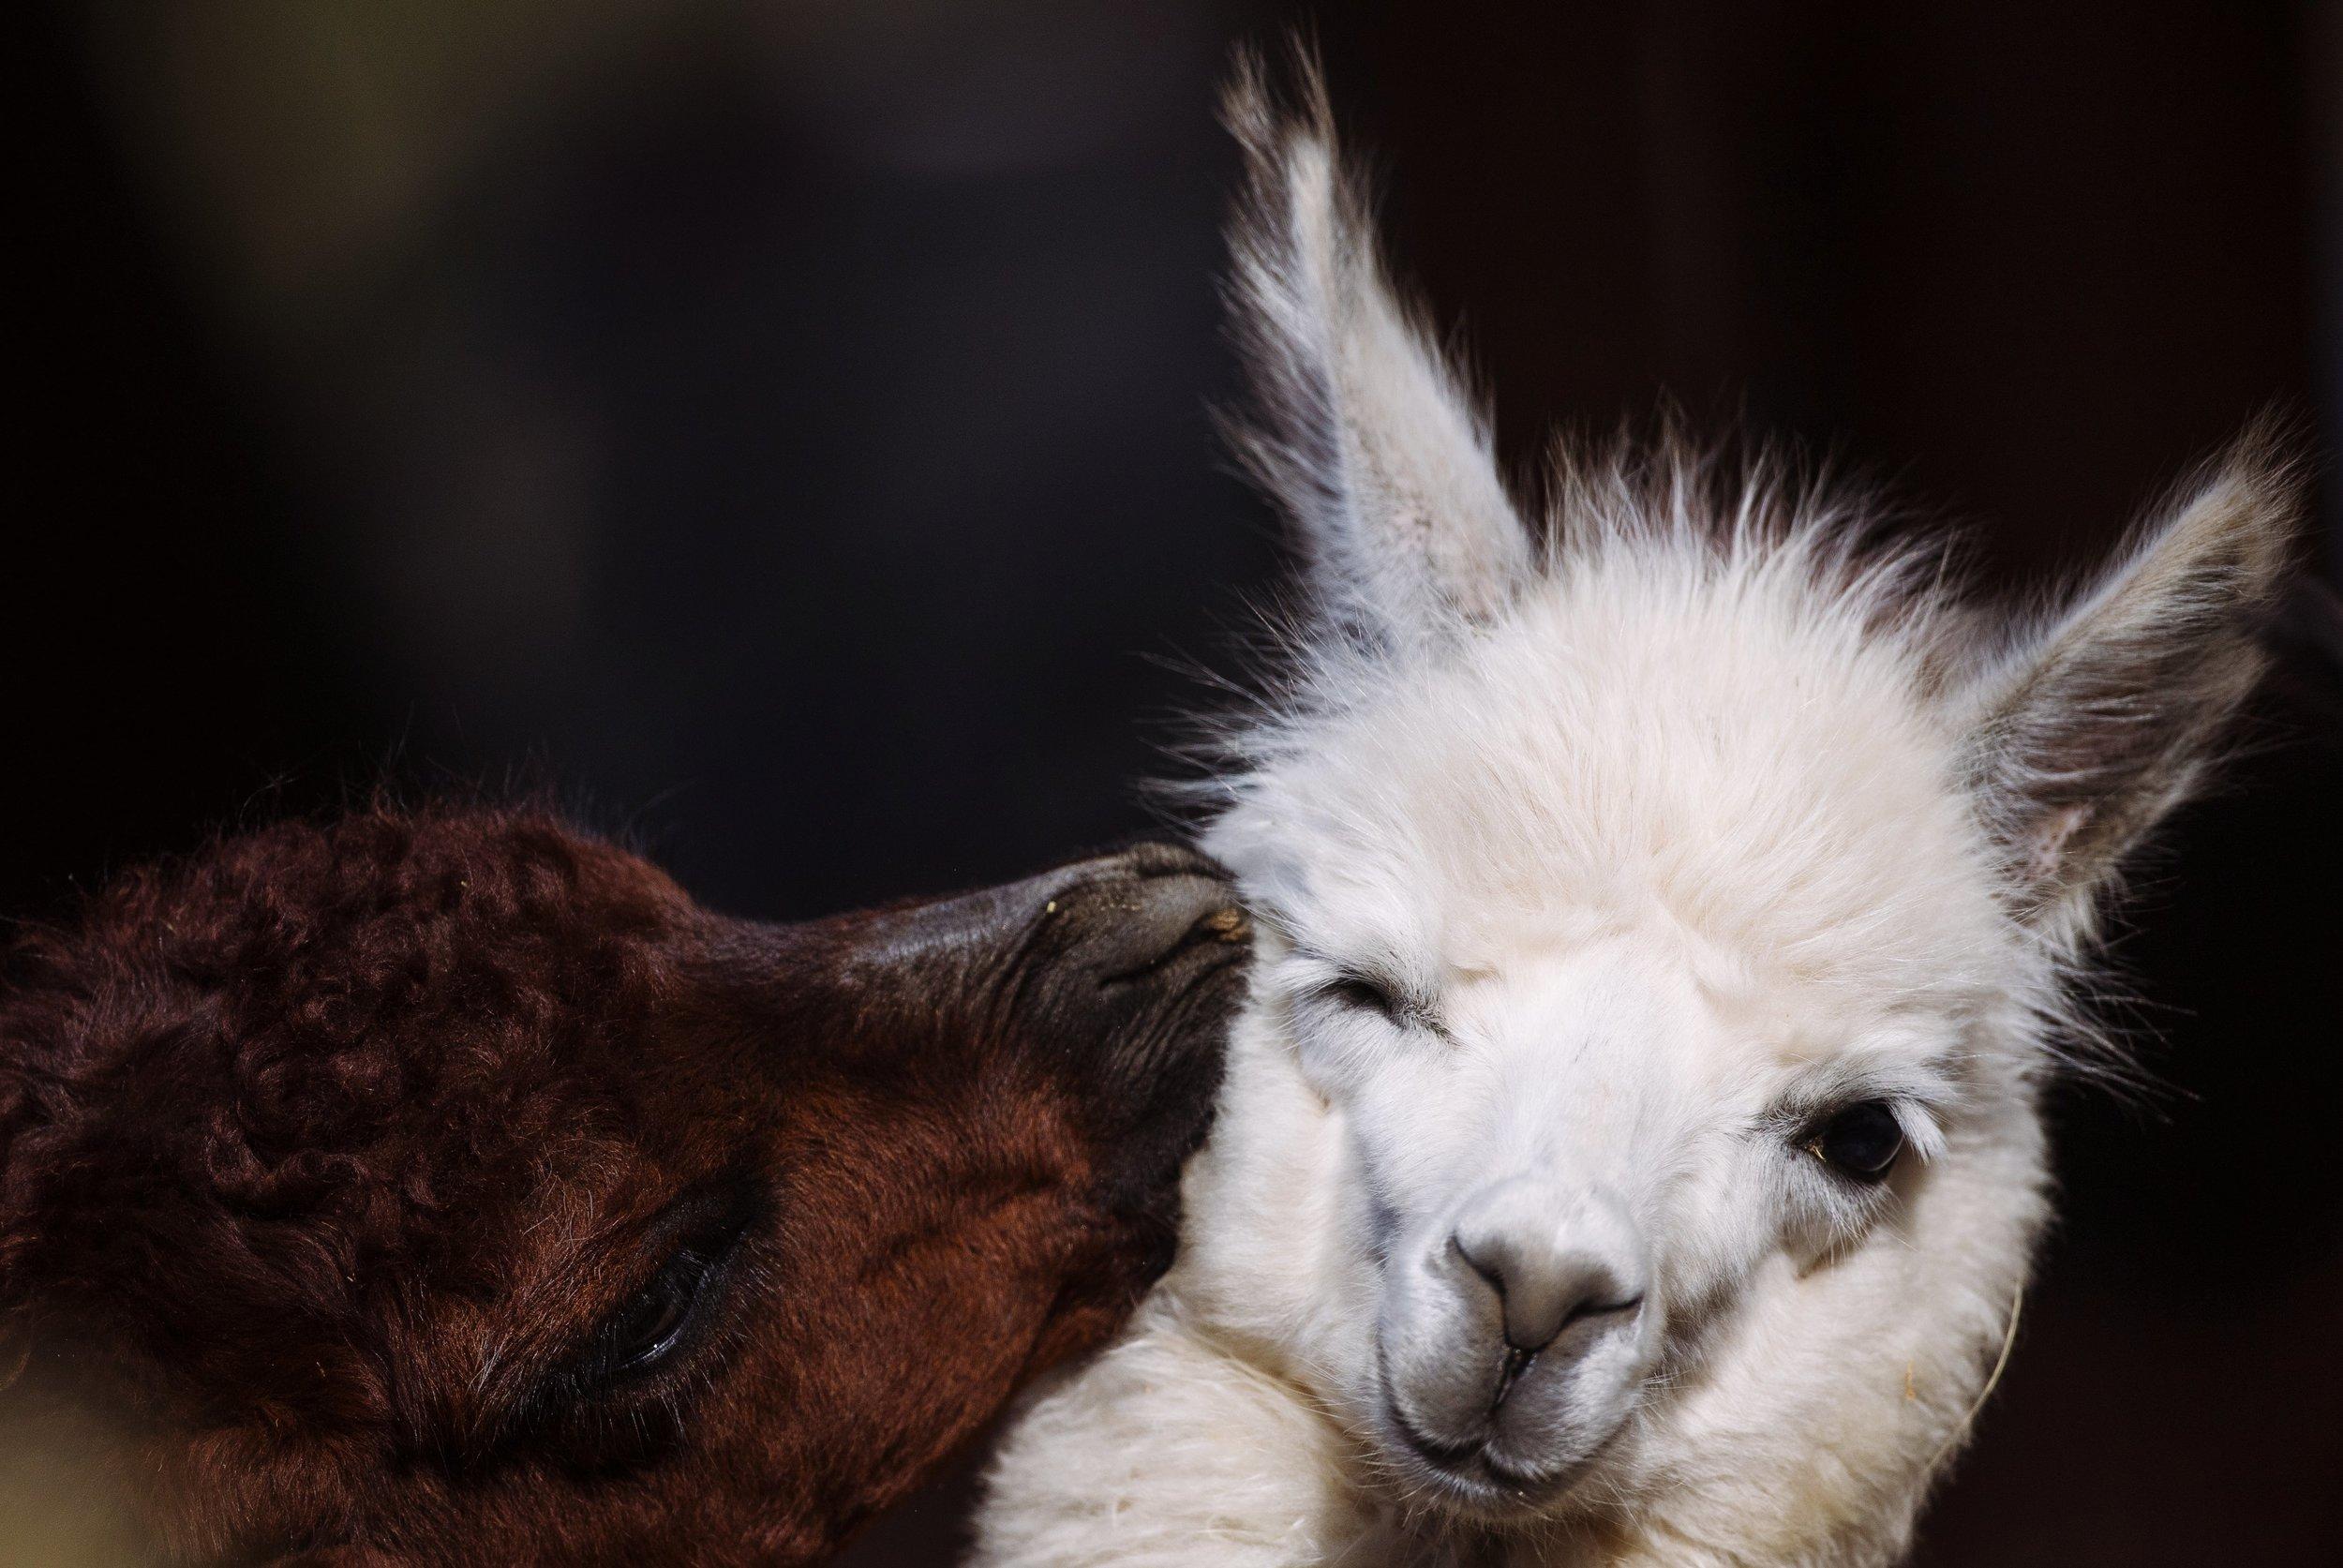 Ein braunes Lama kneift einem weißen Lama in die Backe